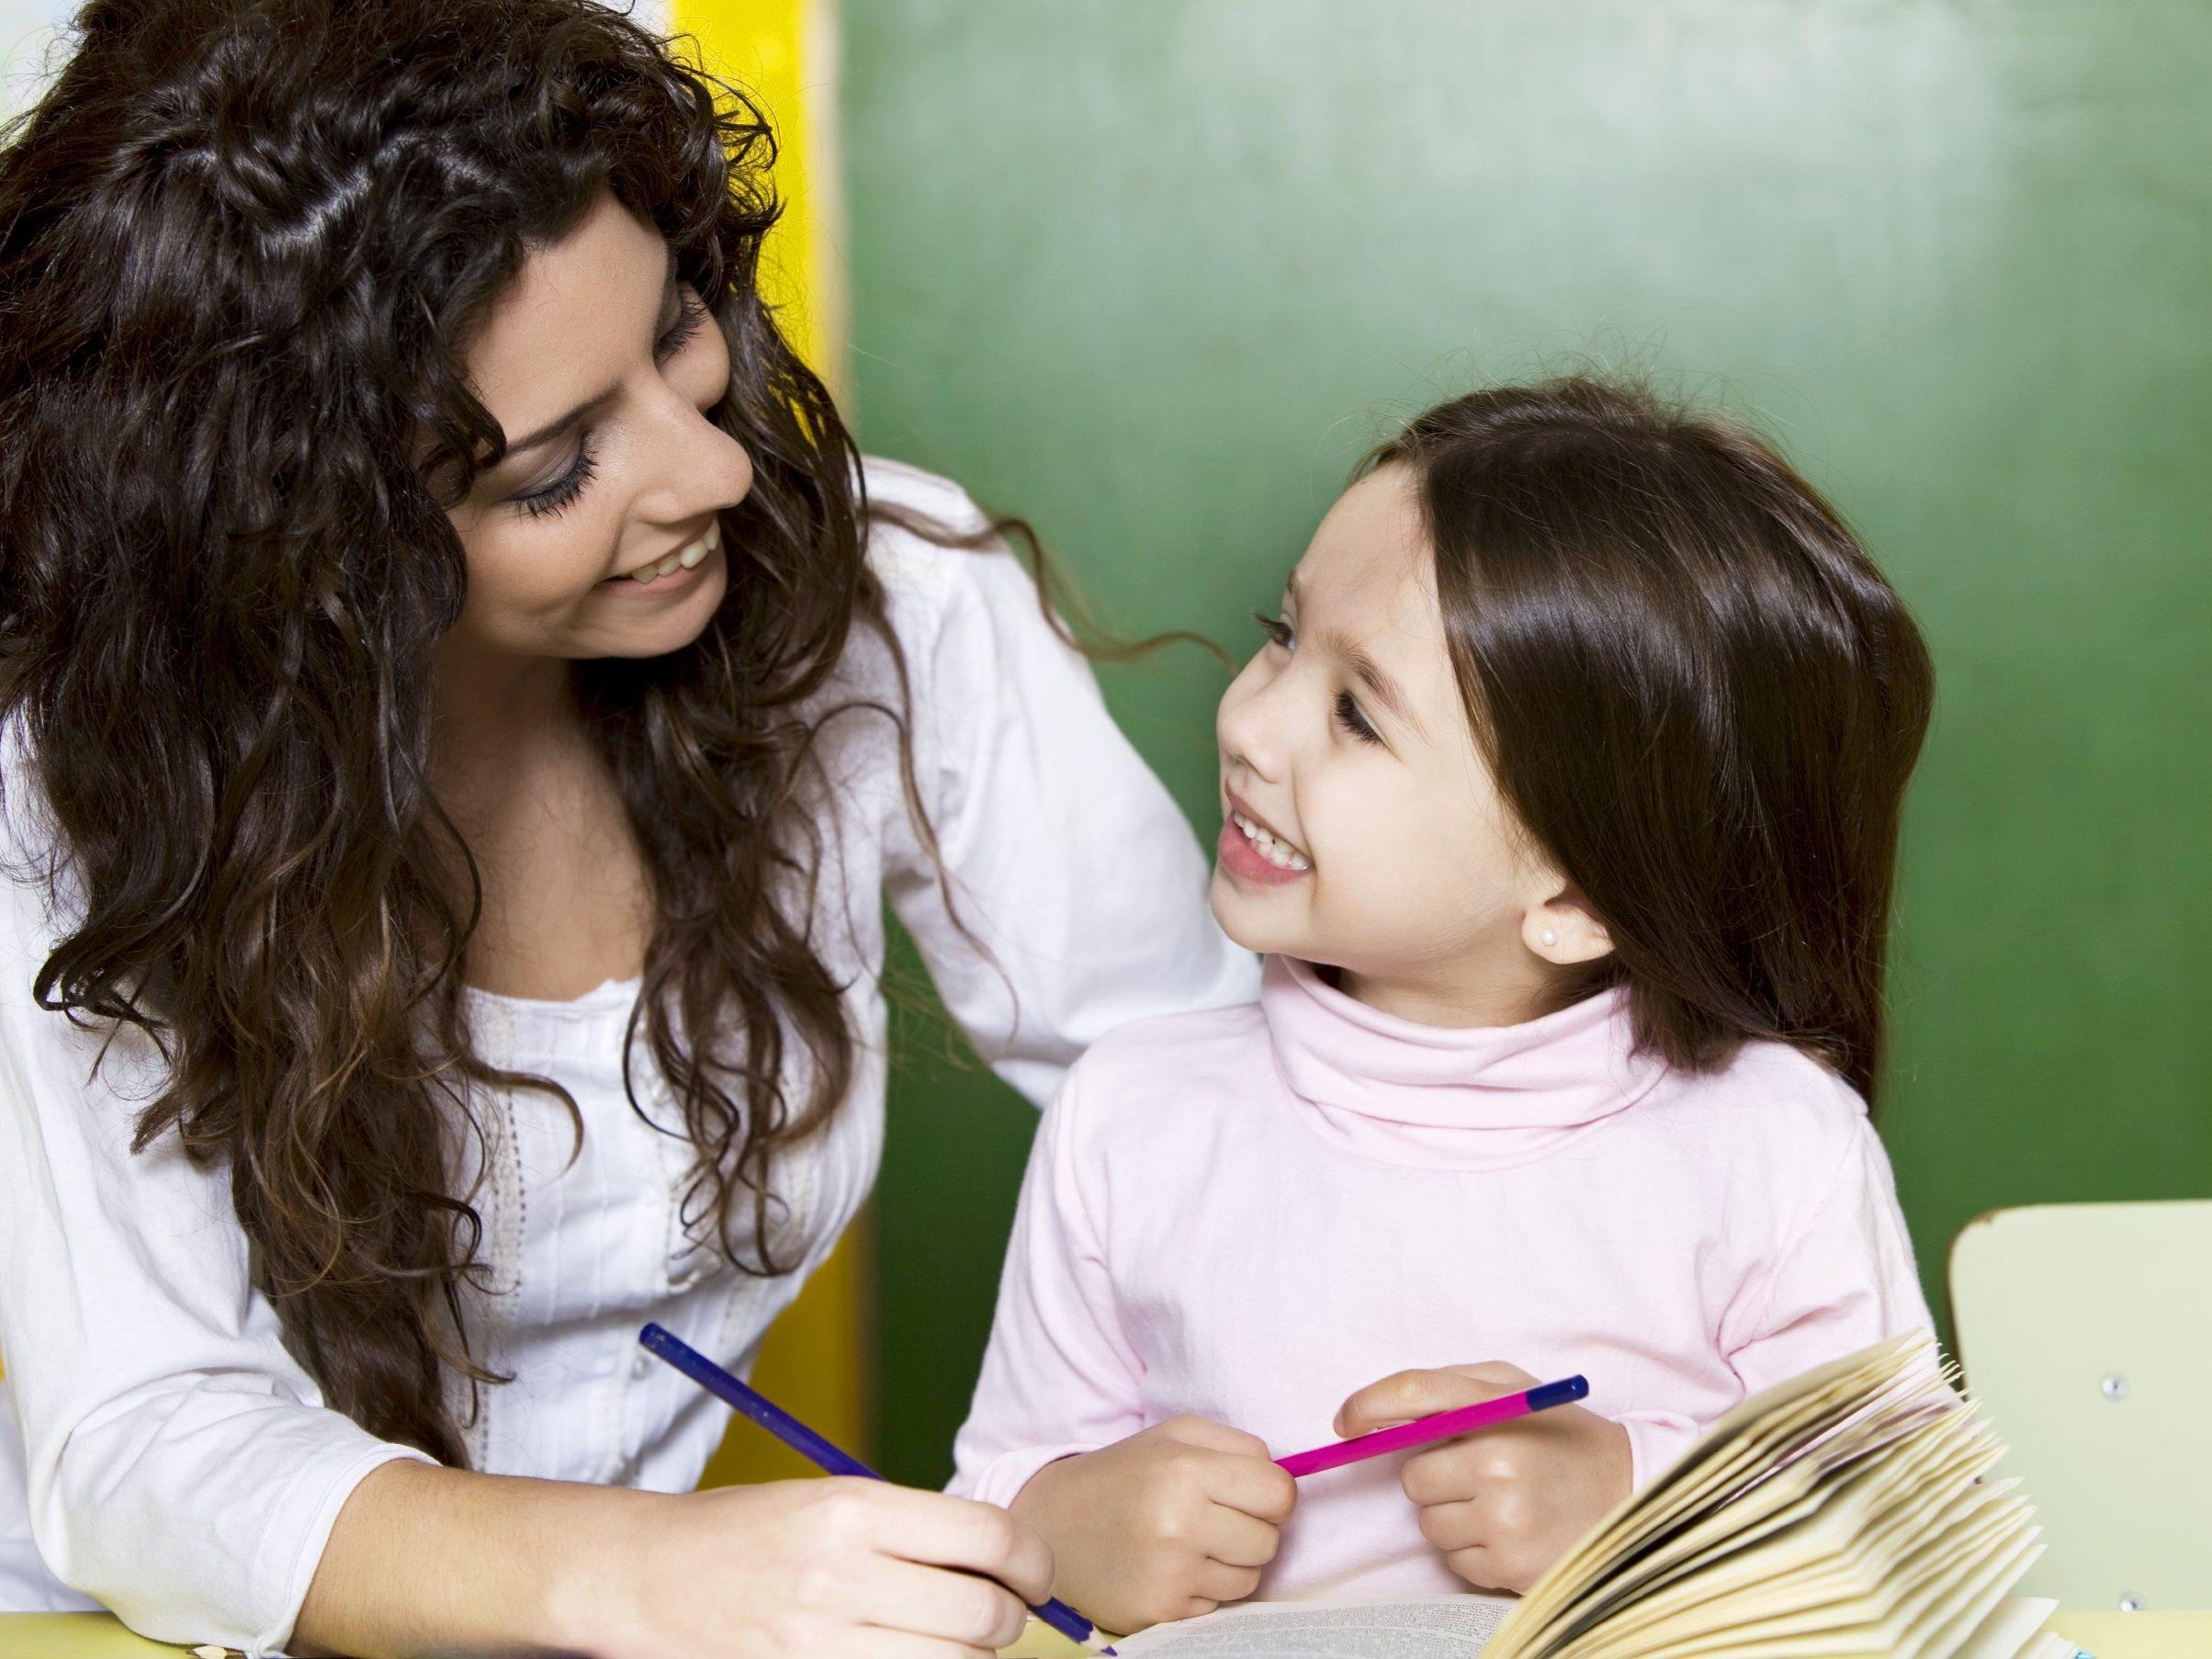 Je früher Kinder zwei Sprachen lernen, desto besser.